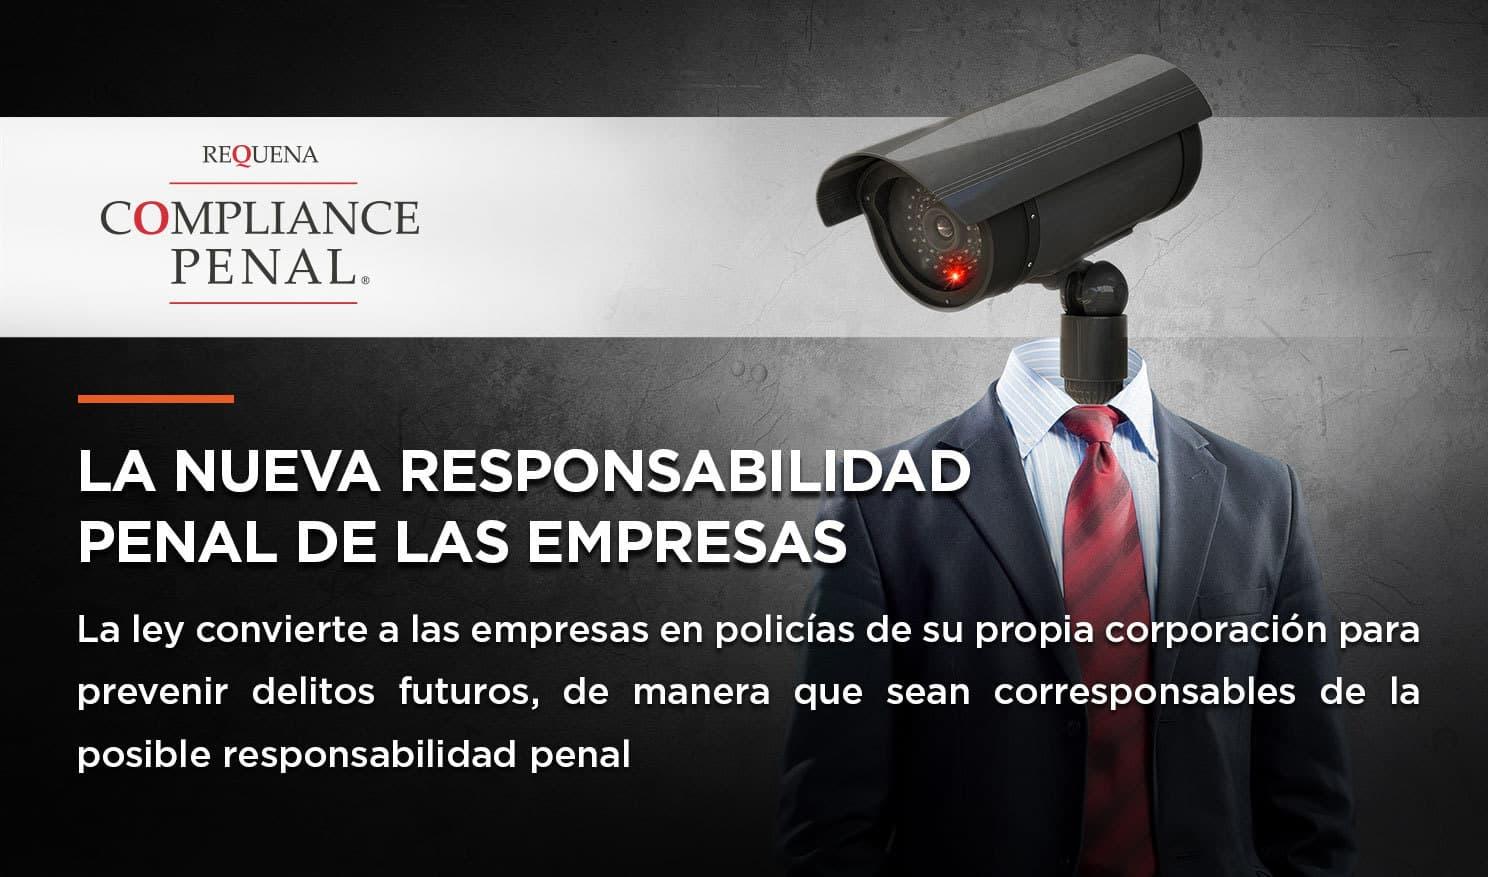 La nueva responsabilidad penal de las empresas